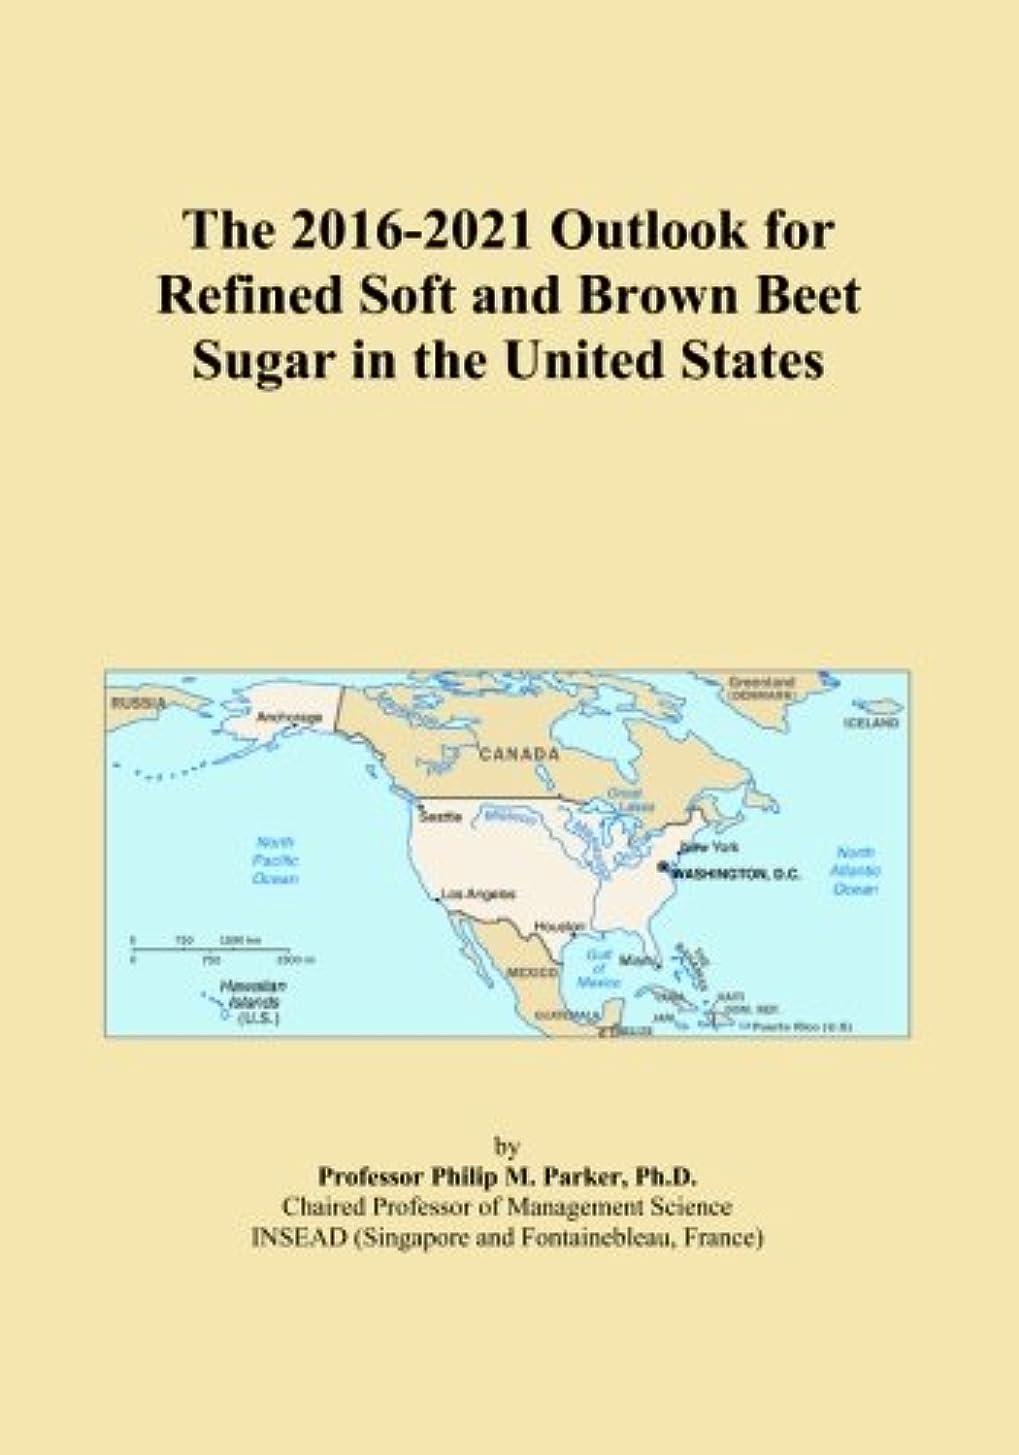 ミュートパンツくつろぎThe 2016-2021 Outlook for Refined Soft and Brown Beet Sugar in the United States